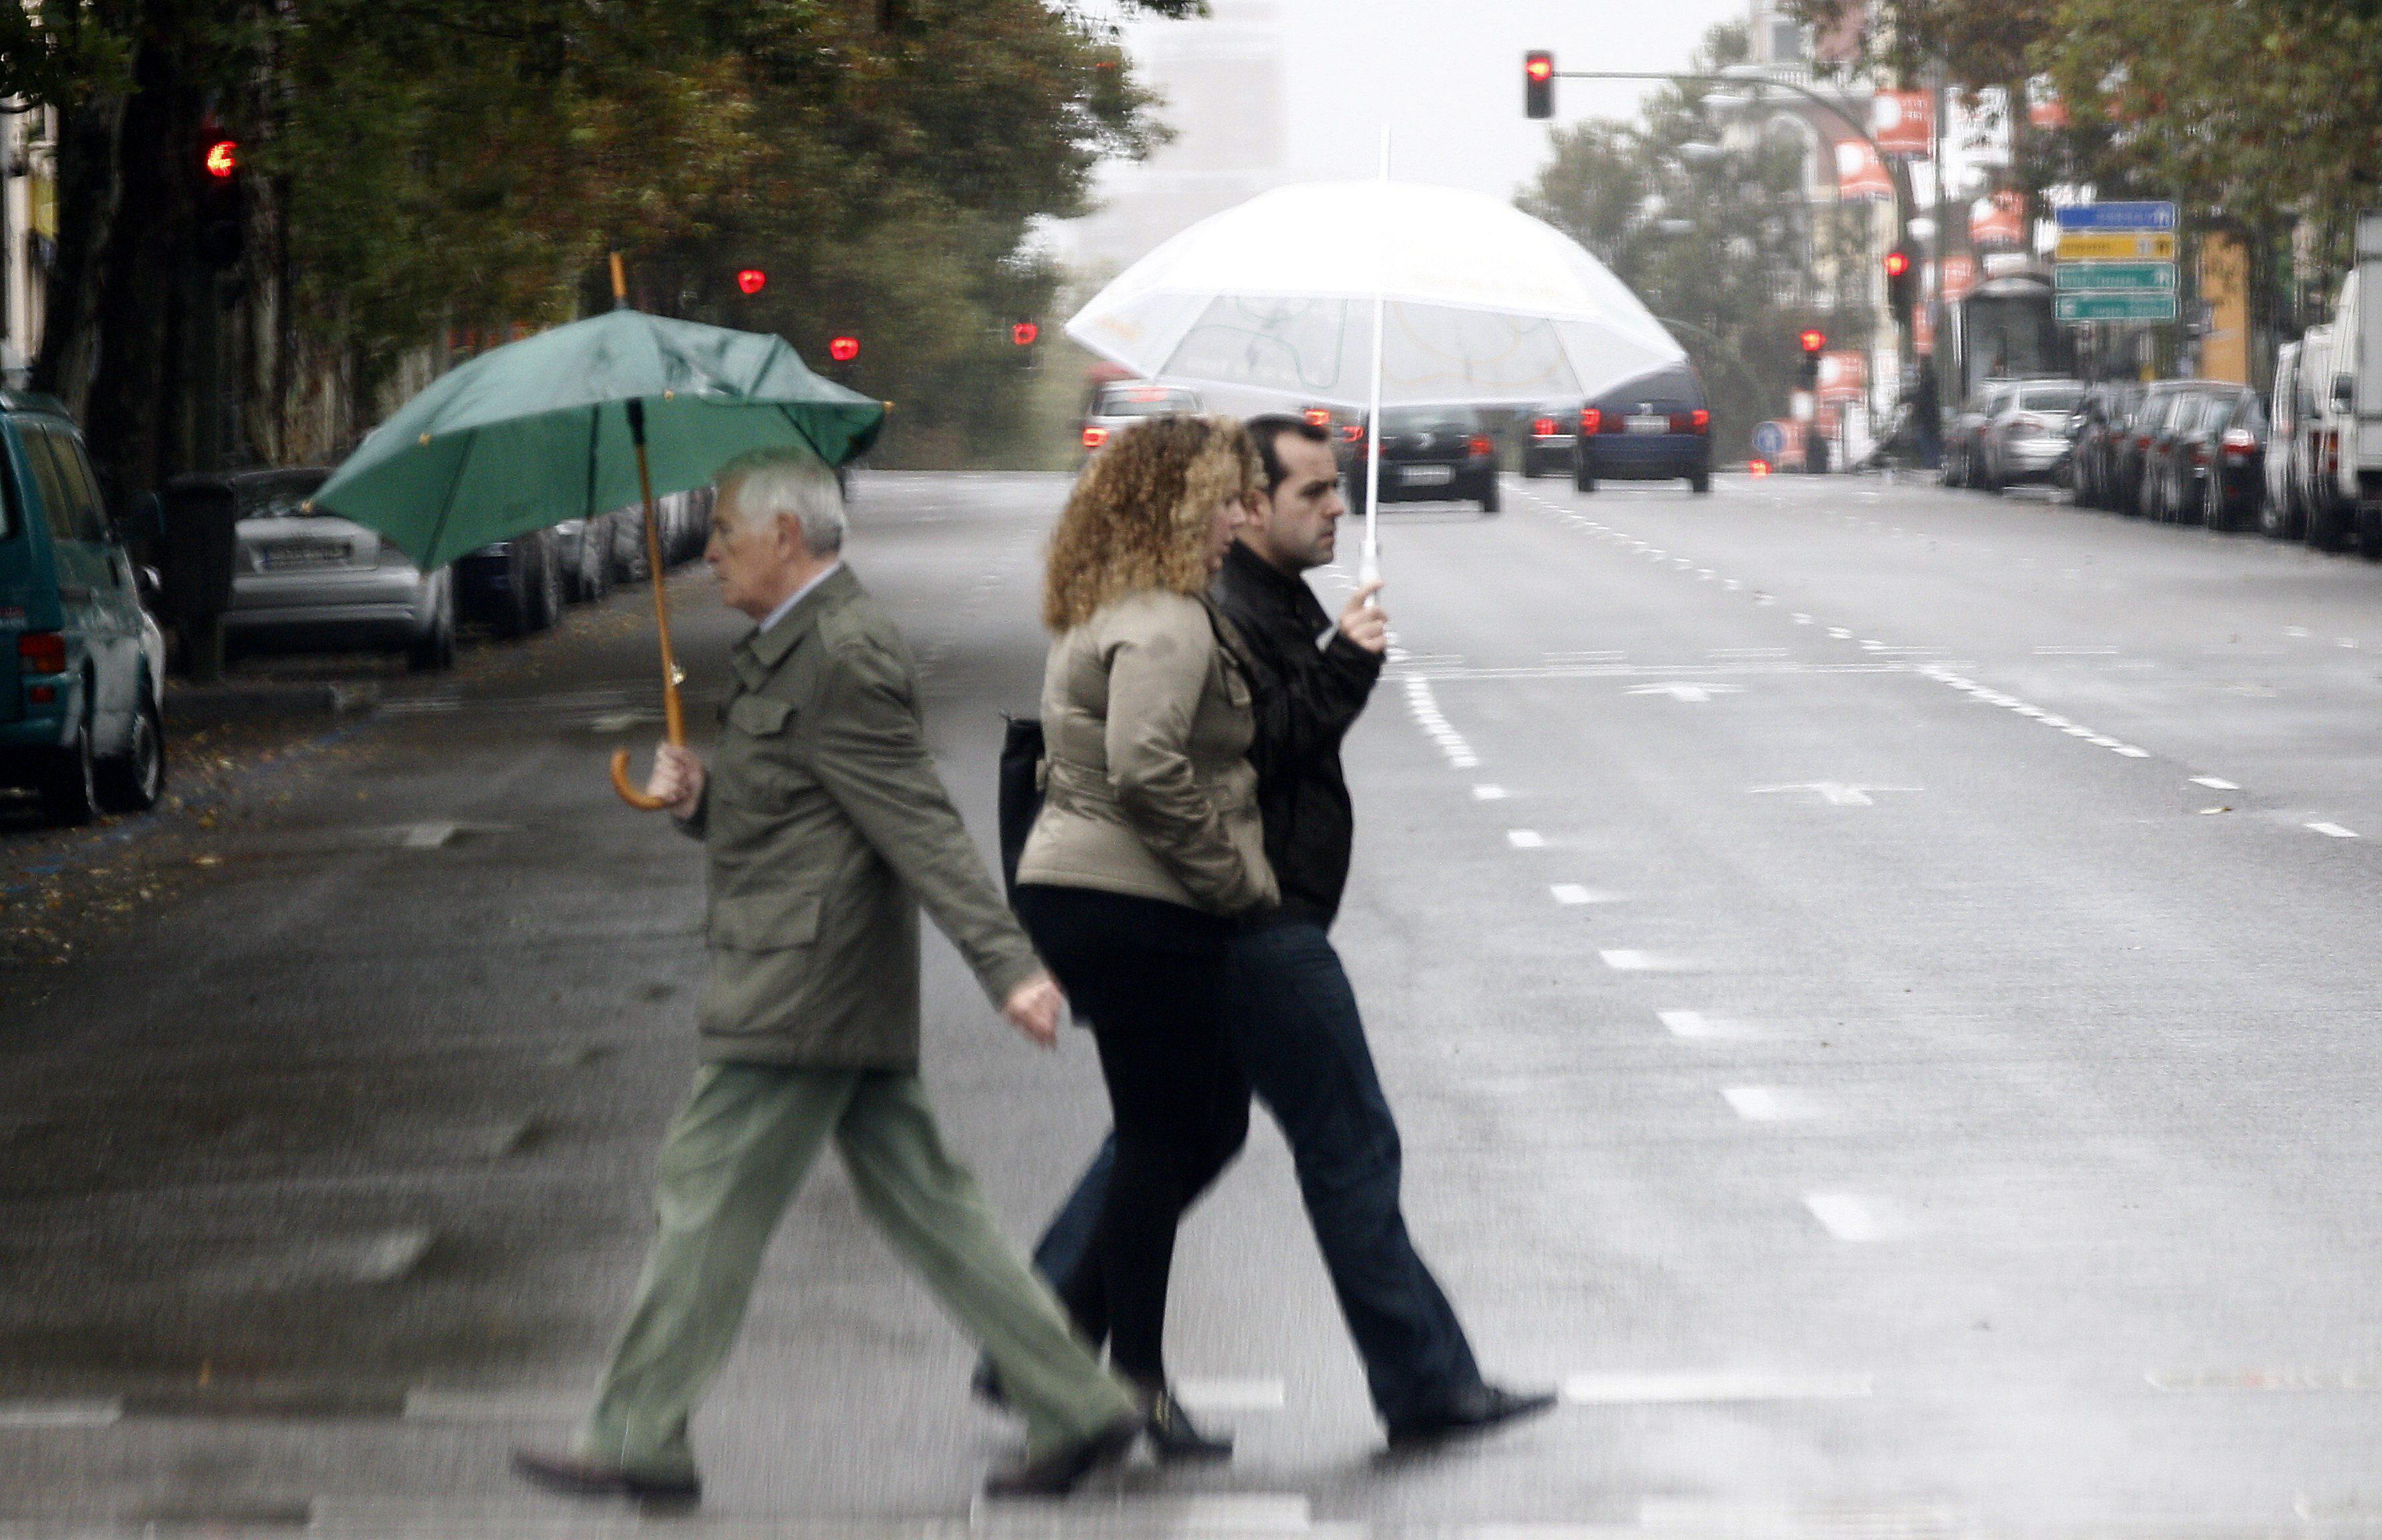 Llega el inestable «tiempo trampa» de chubascos, chaquetas y paraguas